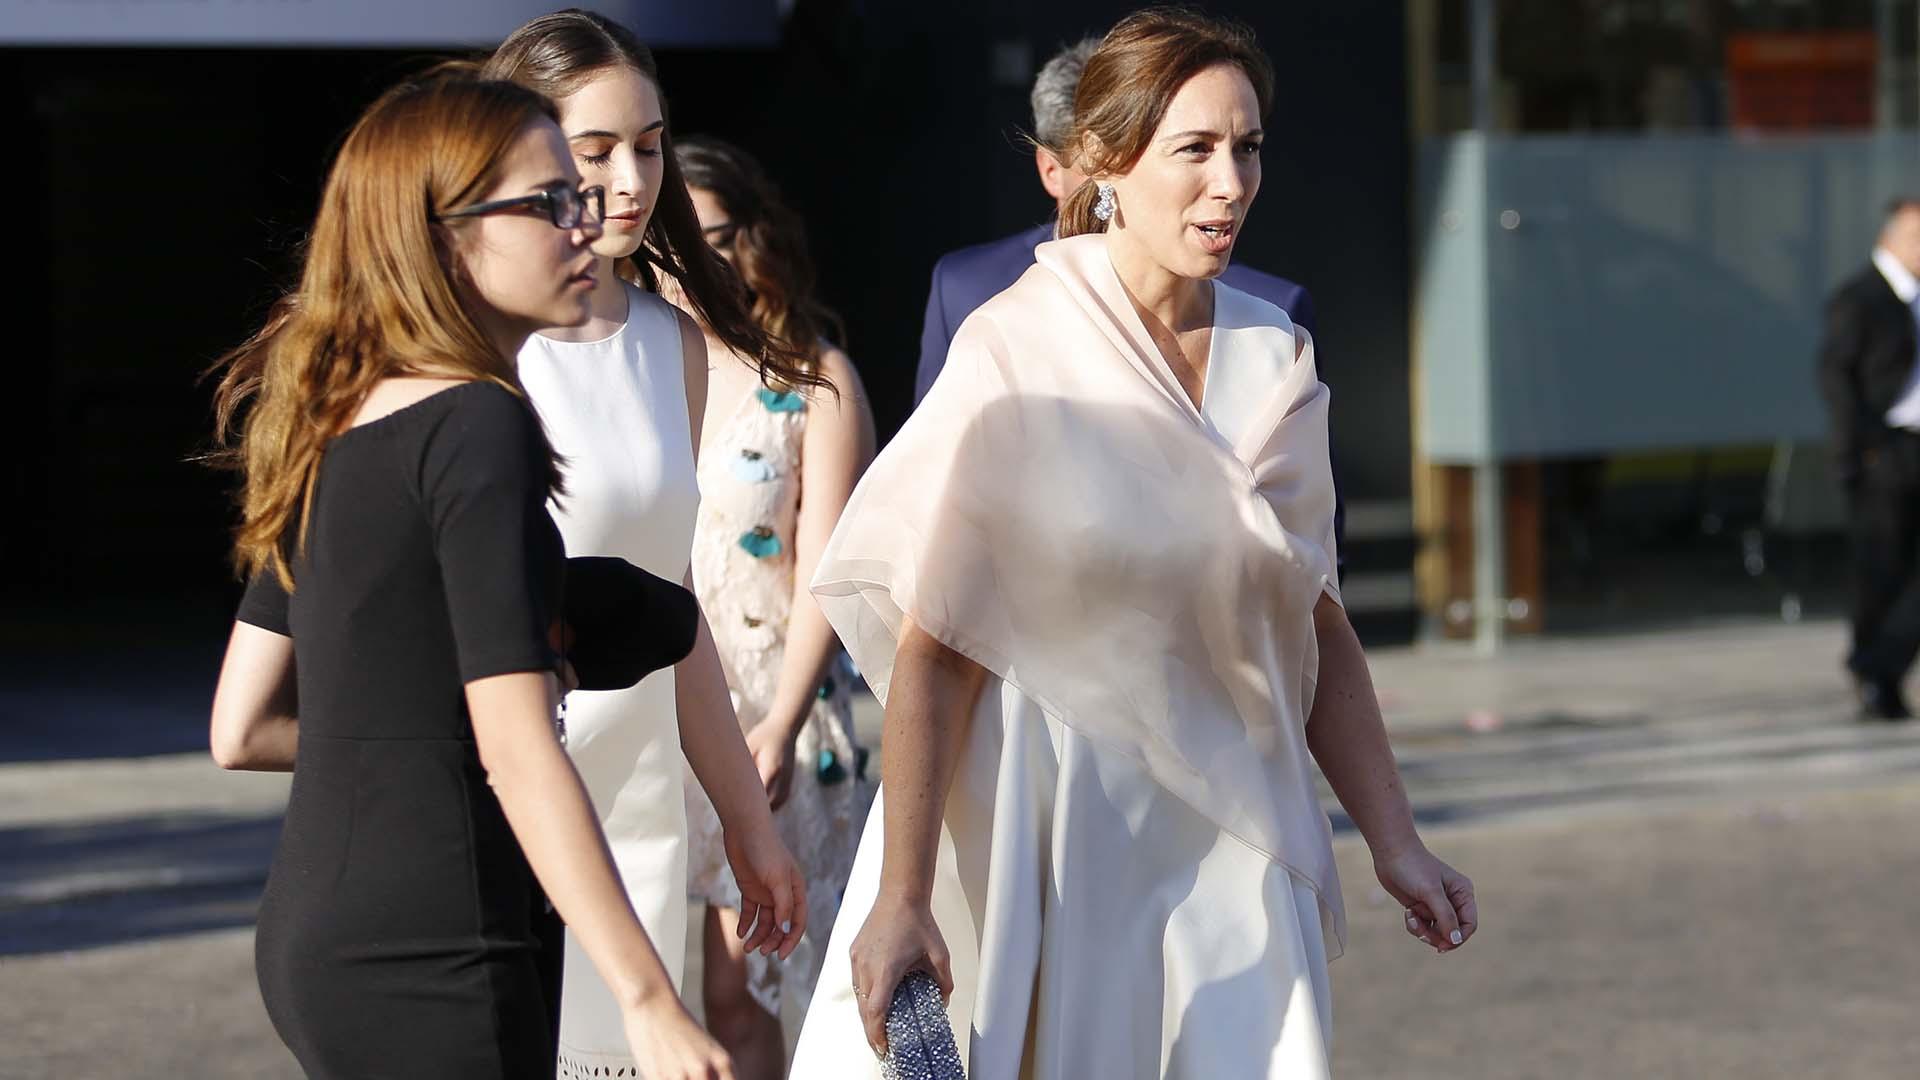 La gobernadora María Eugenia Vidal participó de la gala en el Teatro Colón